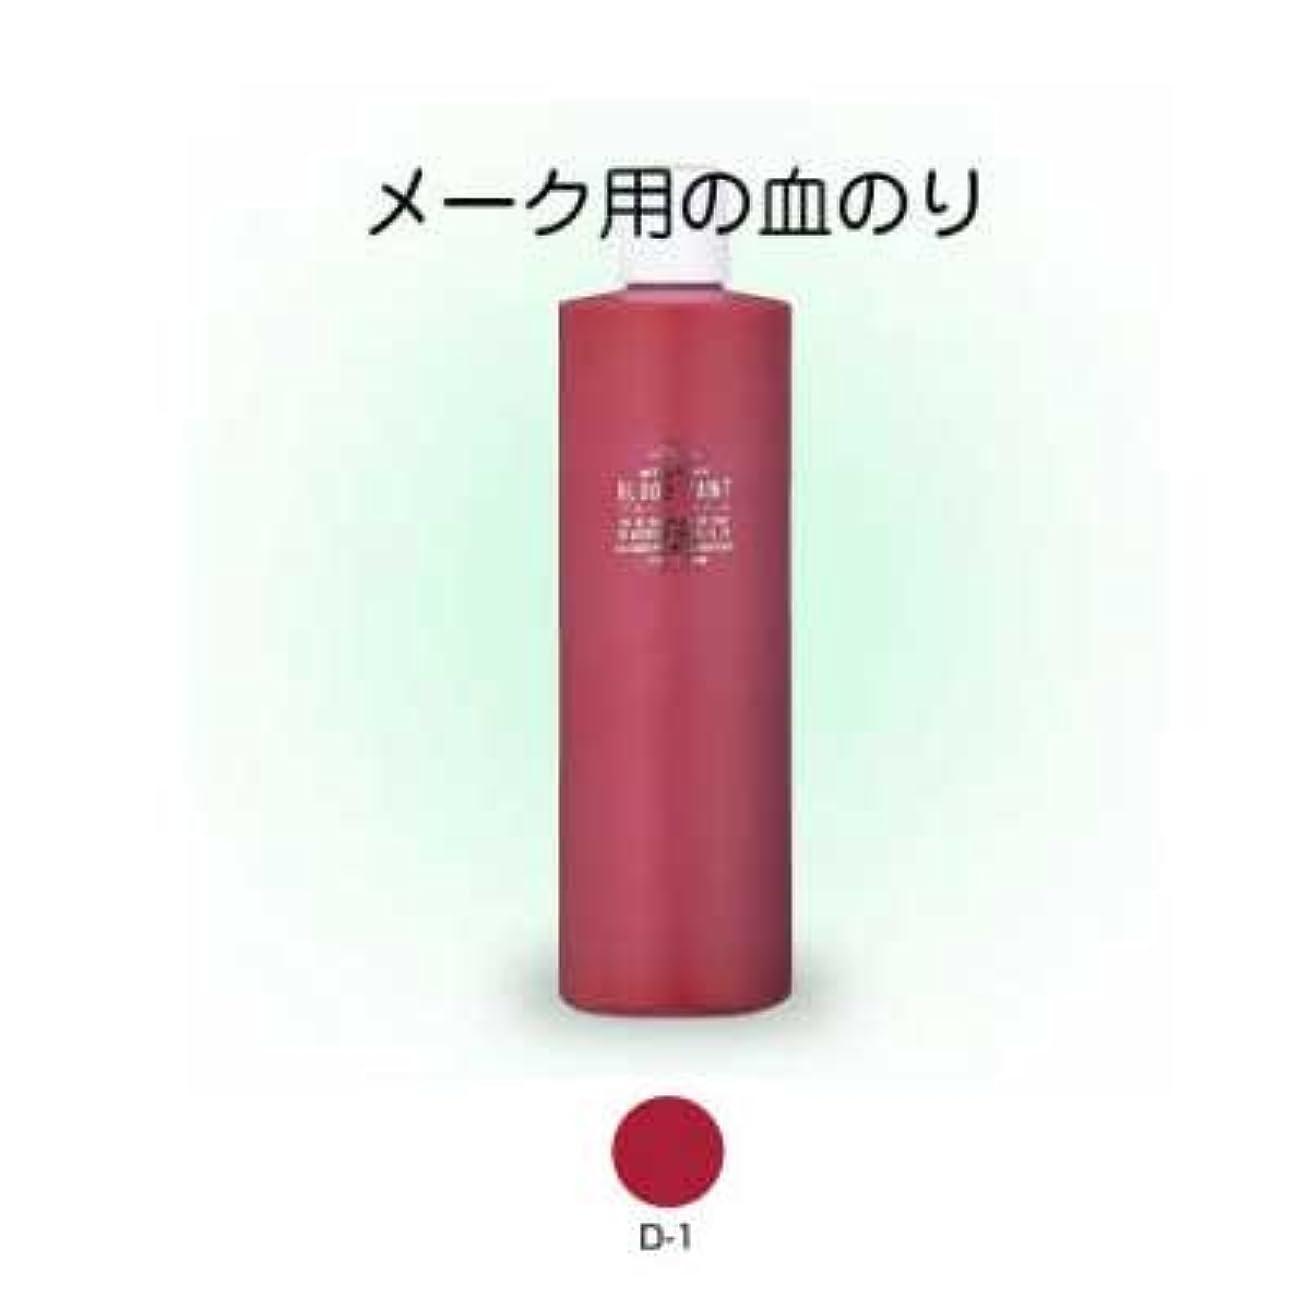 読書をするフェデレーション利用可能ブロードペイント(メークアップ用の血のり)500ml D-1【三善】